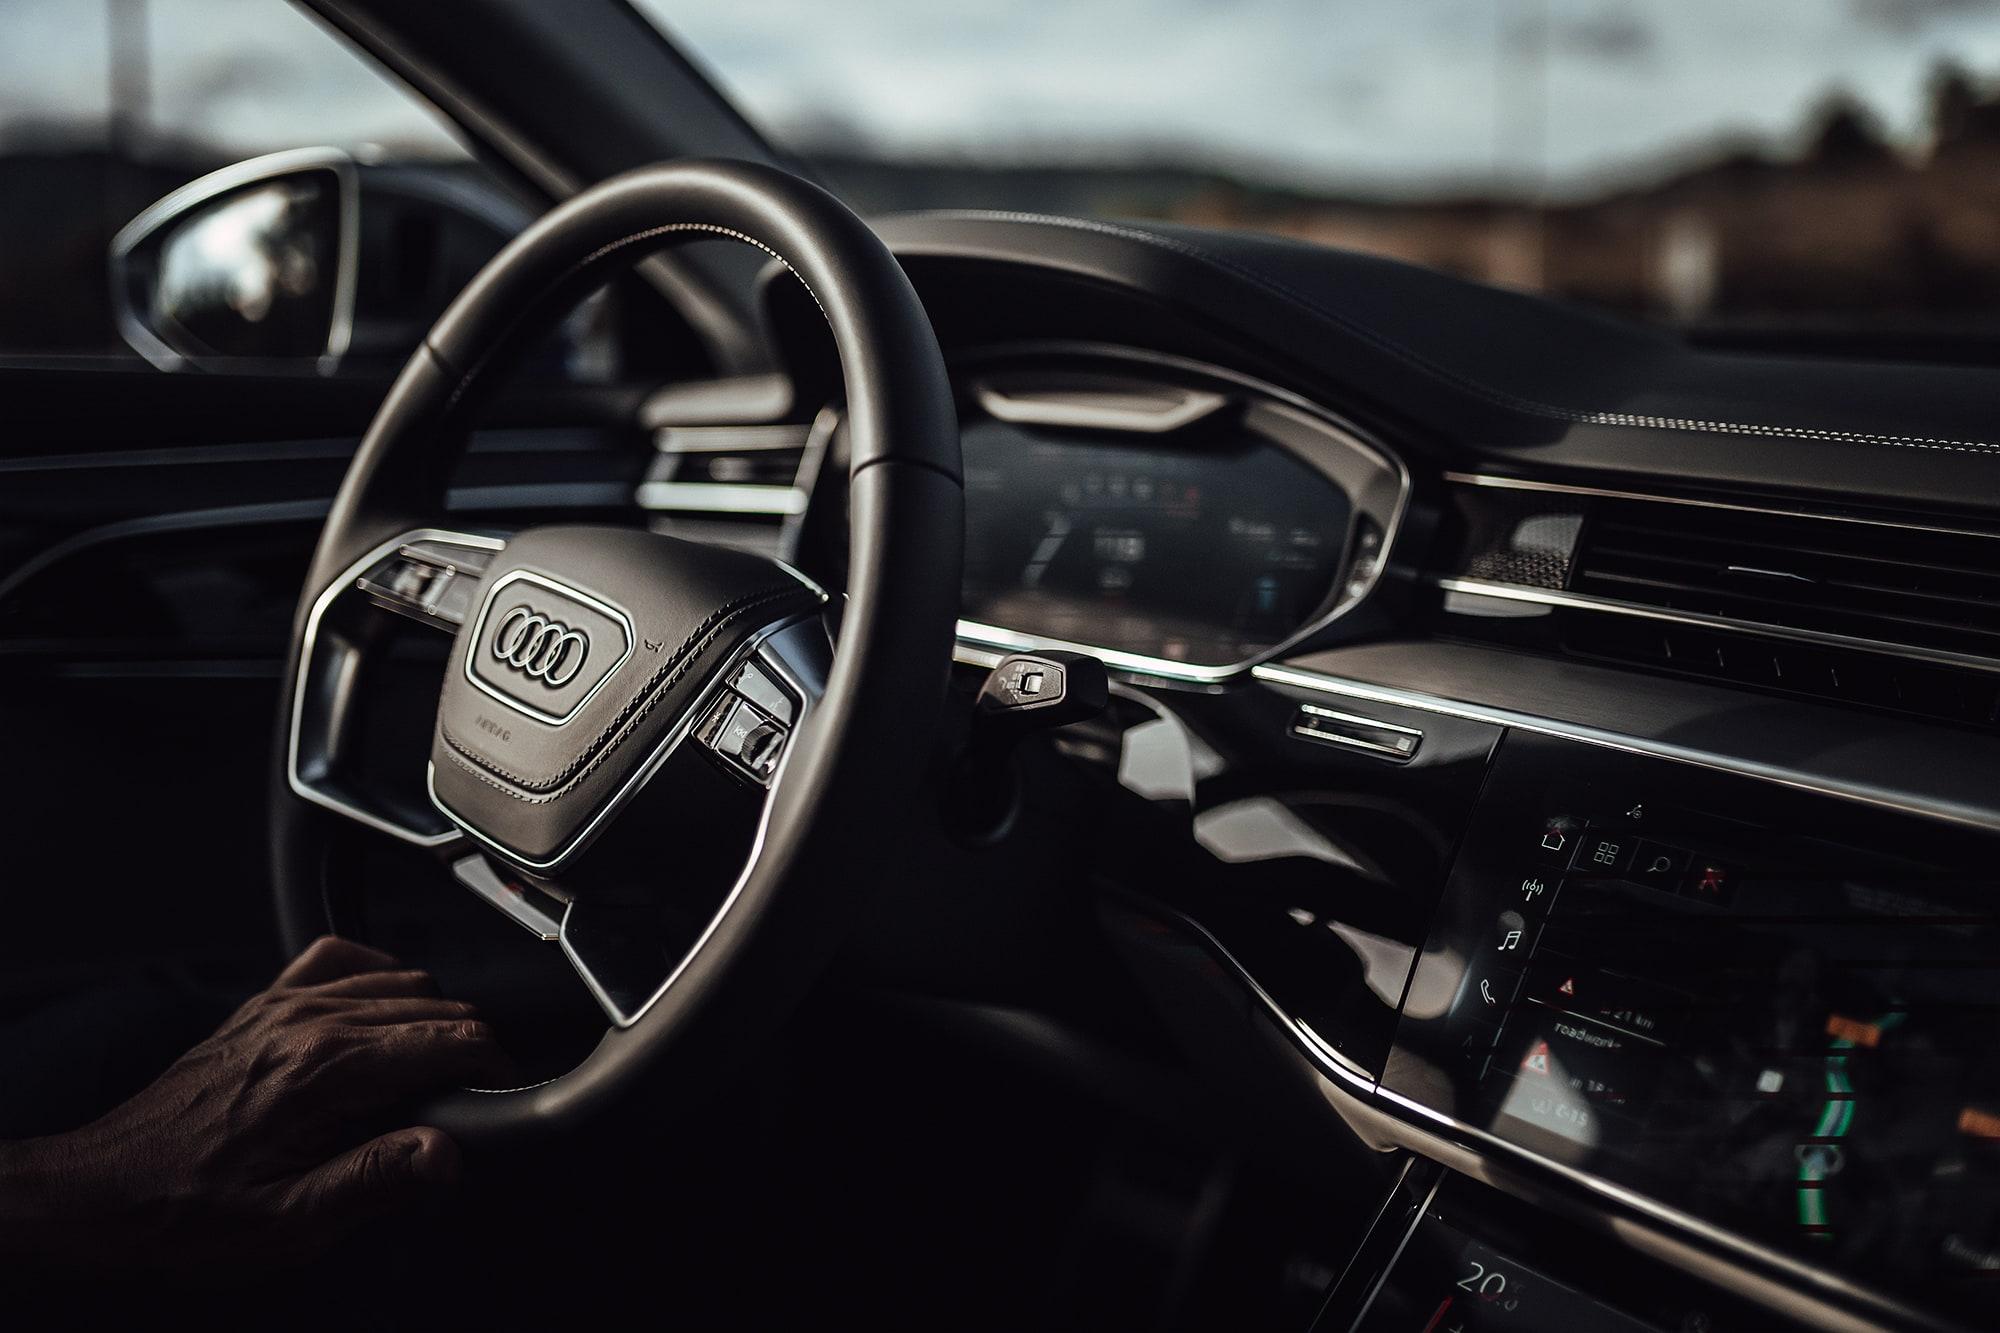 Der neue Audi S8: Komfort und Leistung auf die Spitze getrieben 13